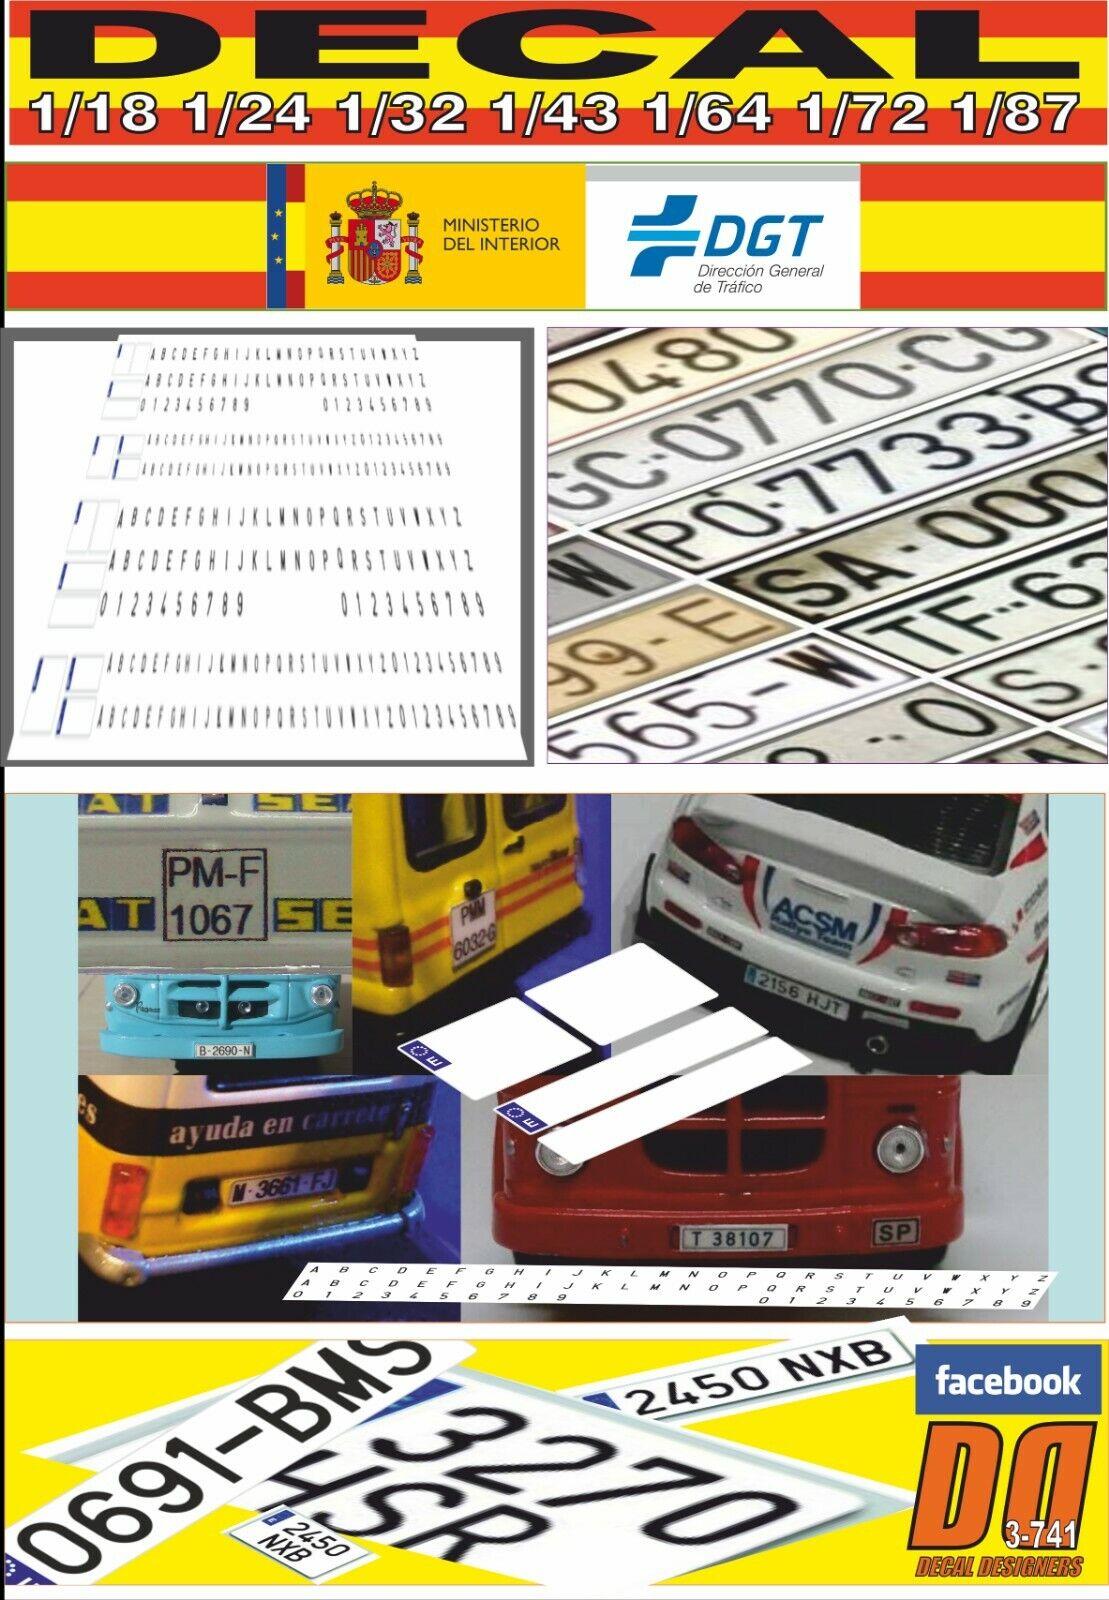 DECAL PLACA PLACA PLACA MATRICULA ESPAÑA (01) 3e6d10